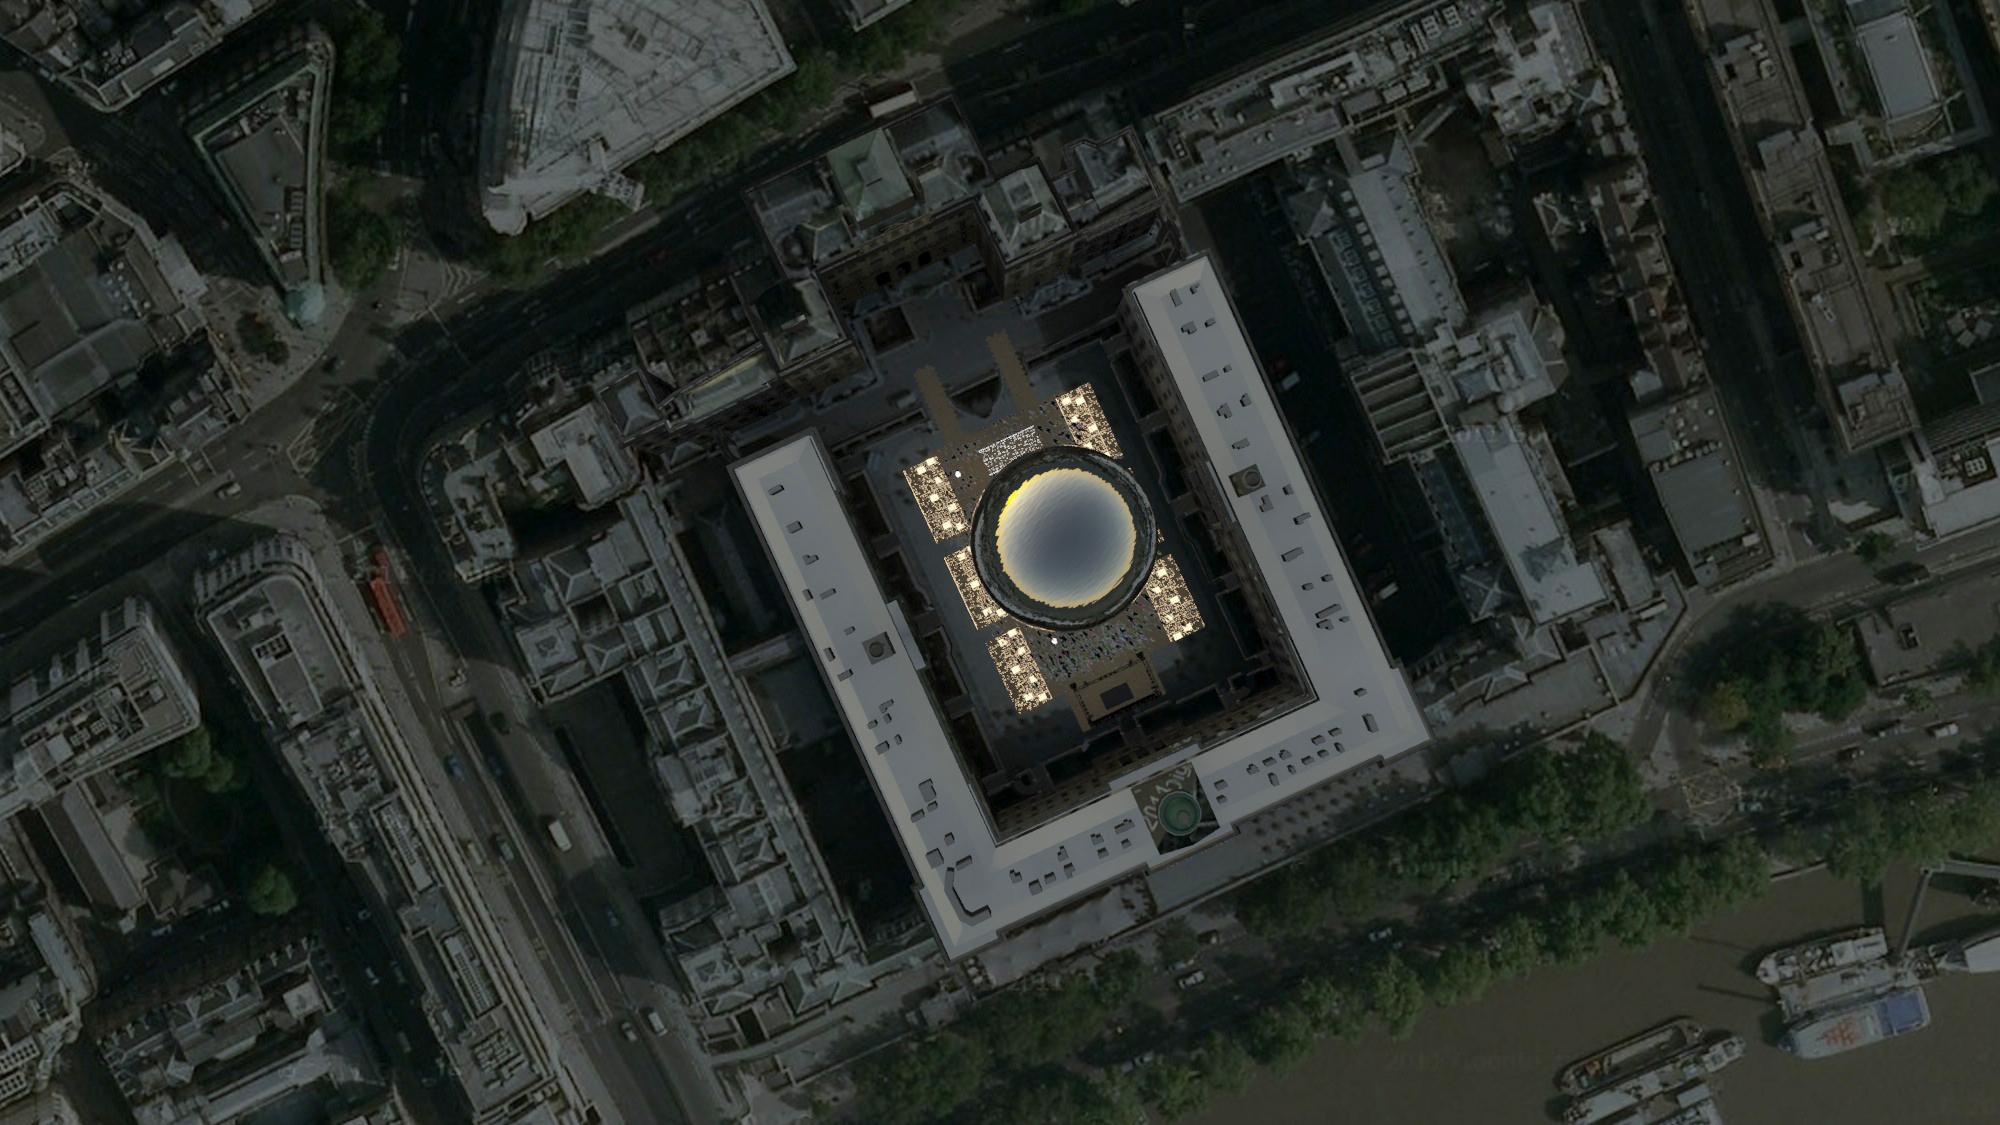 20120709_renders-wide topview sphere2.jpg